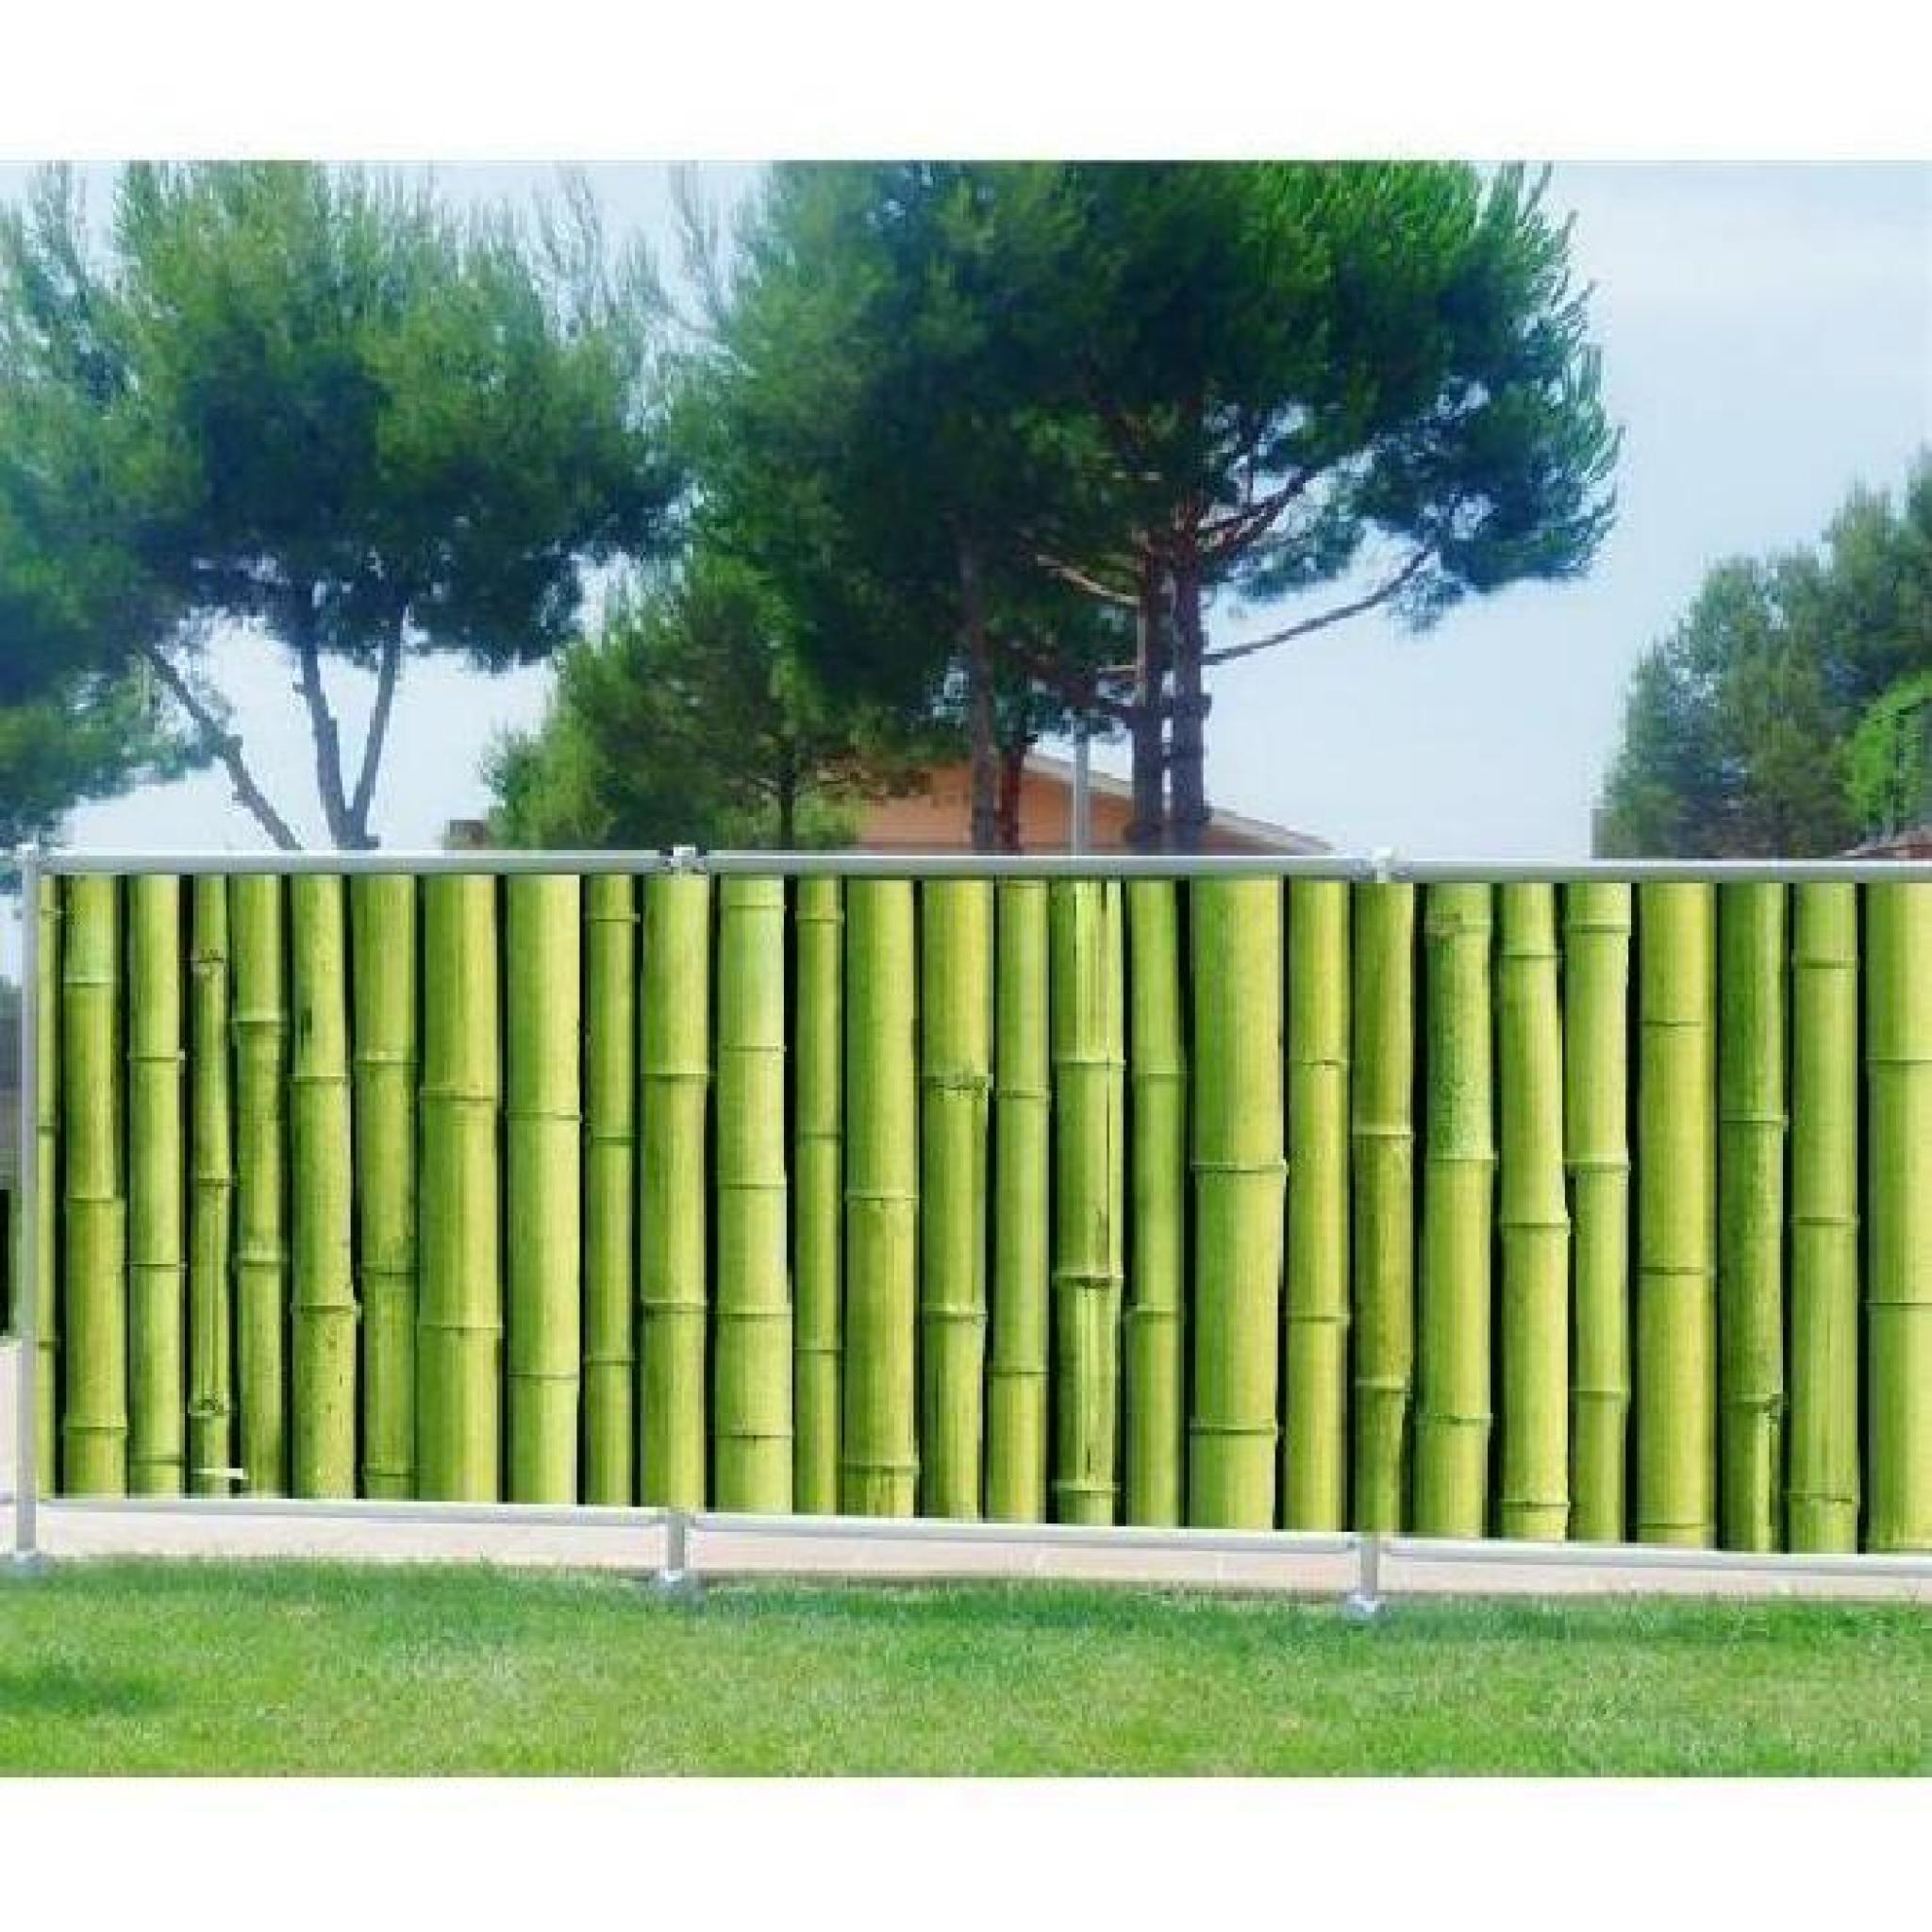 Brise Vue Imprimé, Jardin, Terrasse, Balcon Déco Bambous Occultation - 80%,  Dimensions - 340X132Cm encequiconcerne Brise Vue De Jardin Pas Cher